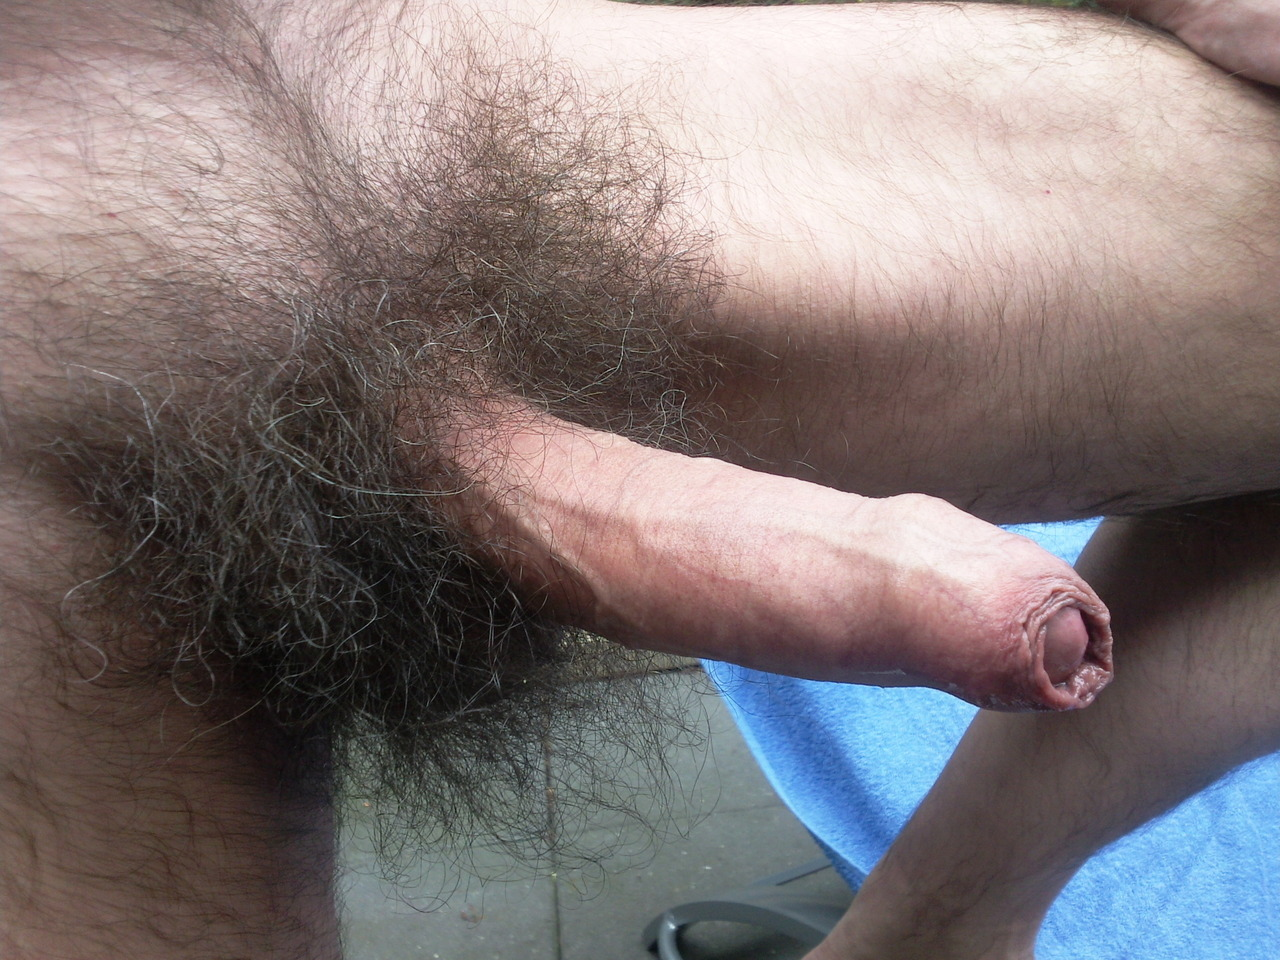 close up pubic hair